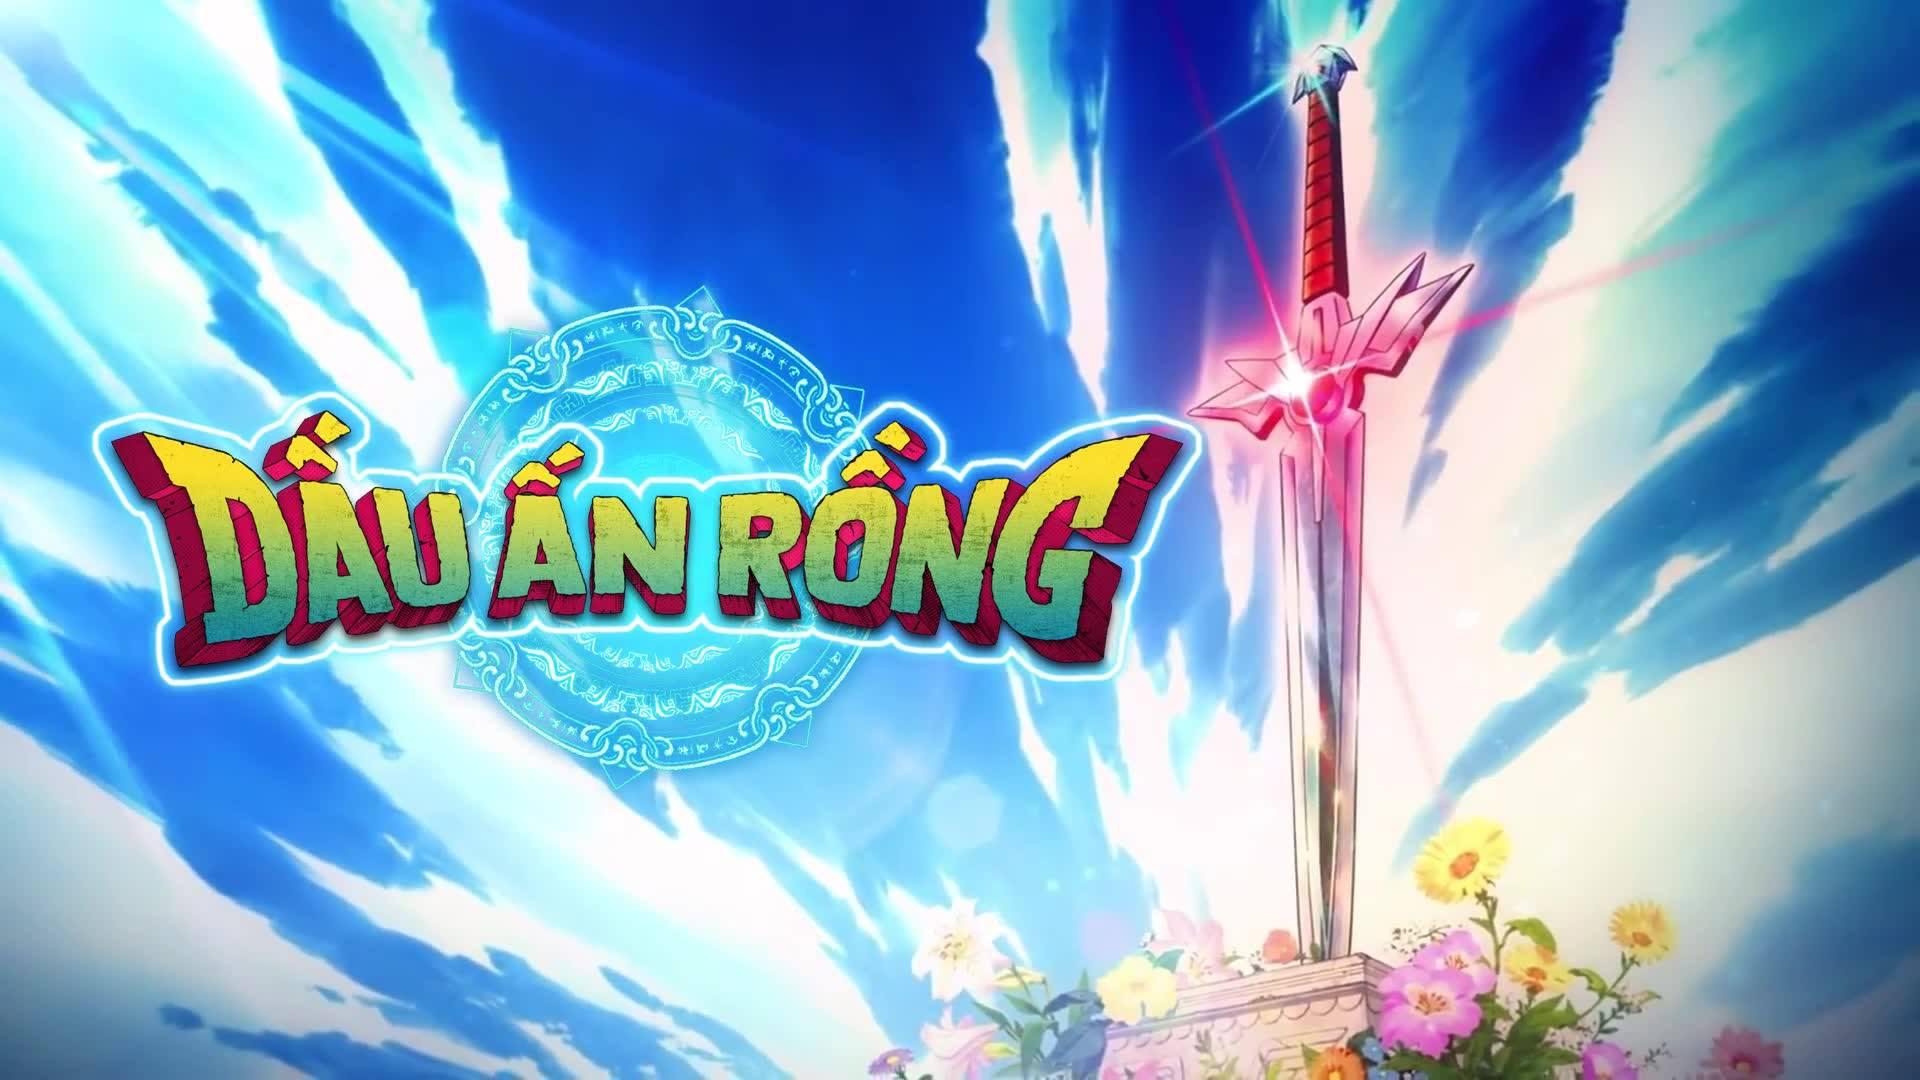 """""""Dấu Ấn Rồng Thiêng"""" - Manga huyền thoại trở lại sau 28 năm: Dai và đồng đội chuẩn bị phá đảo thế giới game? - Ảnh 2."""